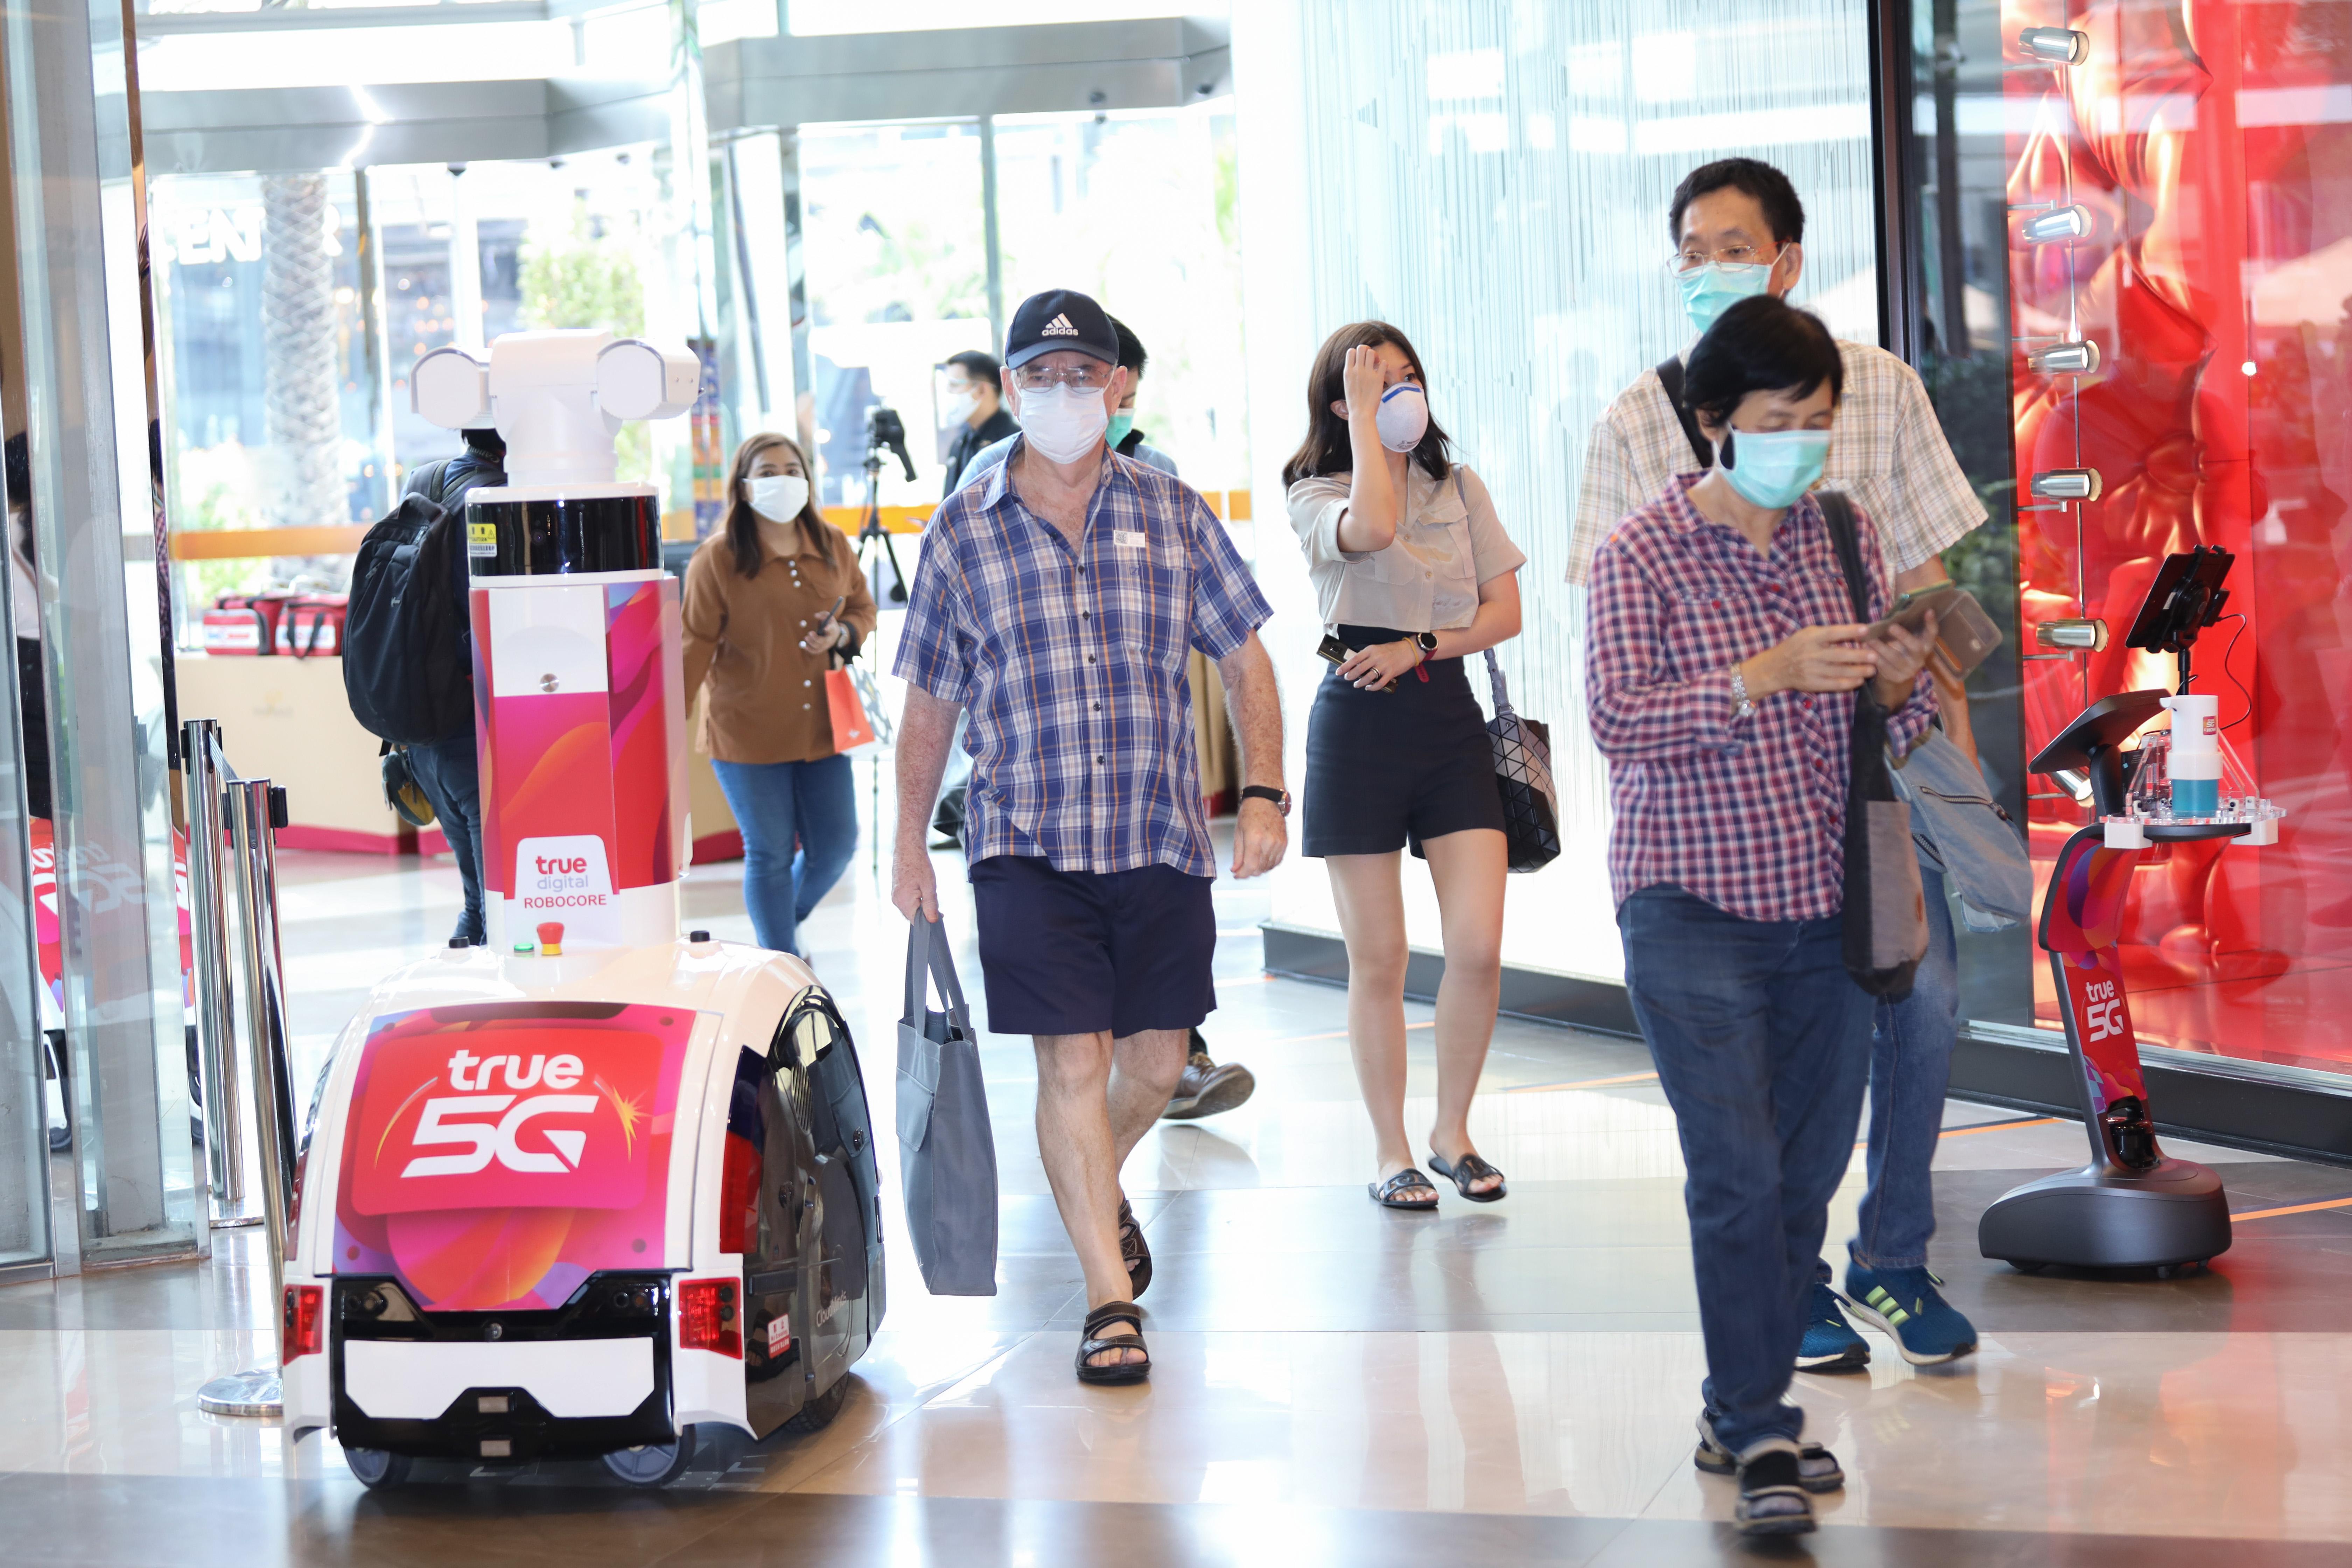 TRUE 5G World of Retail วัตกรรมเทคโนโลยีอัจฉริยะรูปแบบใหม่ ก้าวเข้าสู่โลกยุค new normal หลังโควิด-19